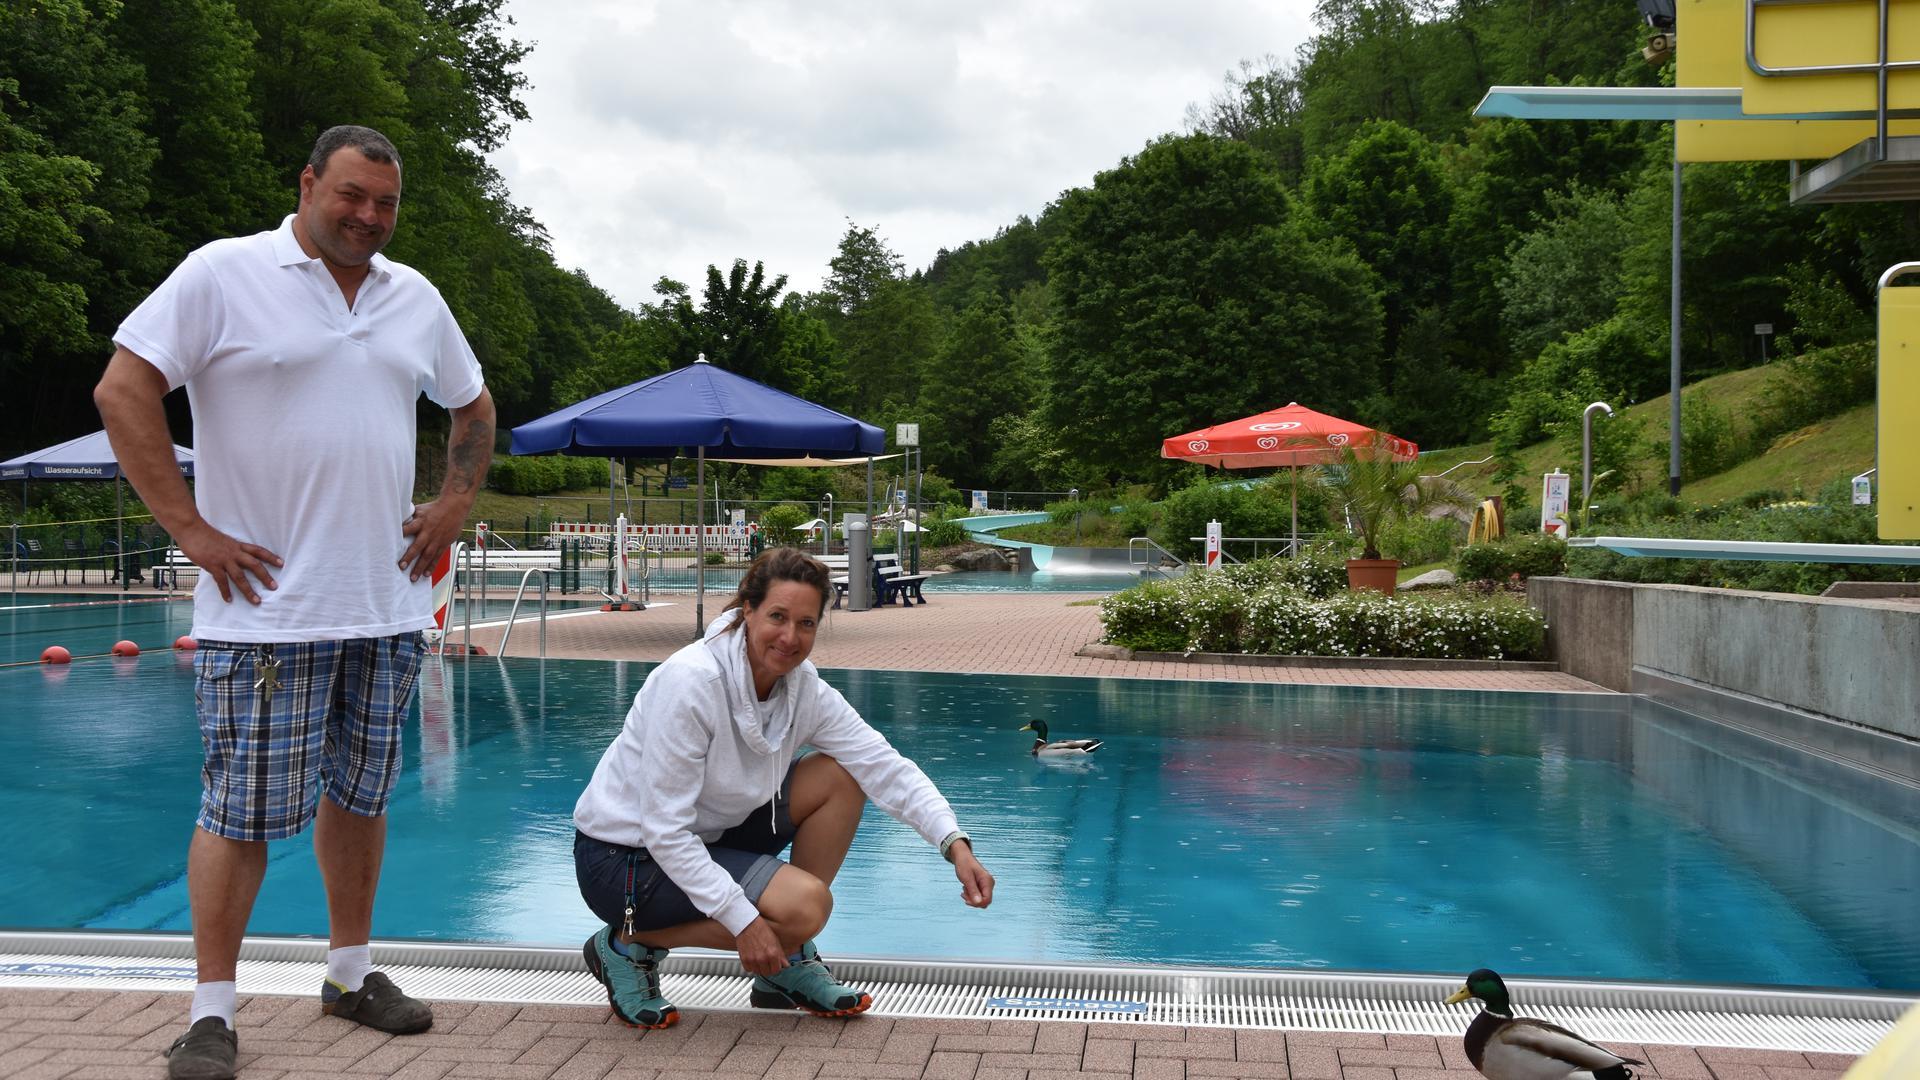 Die Rettungsschwimmer Nadja Bartels und Roland Tauschnik übernehmen erstmals diese Saison die Badeaufsicht im Igelbachba